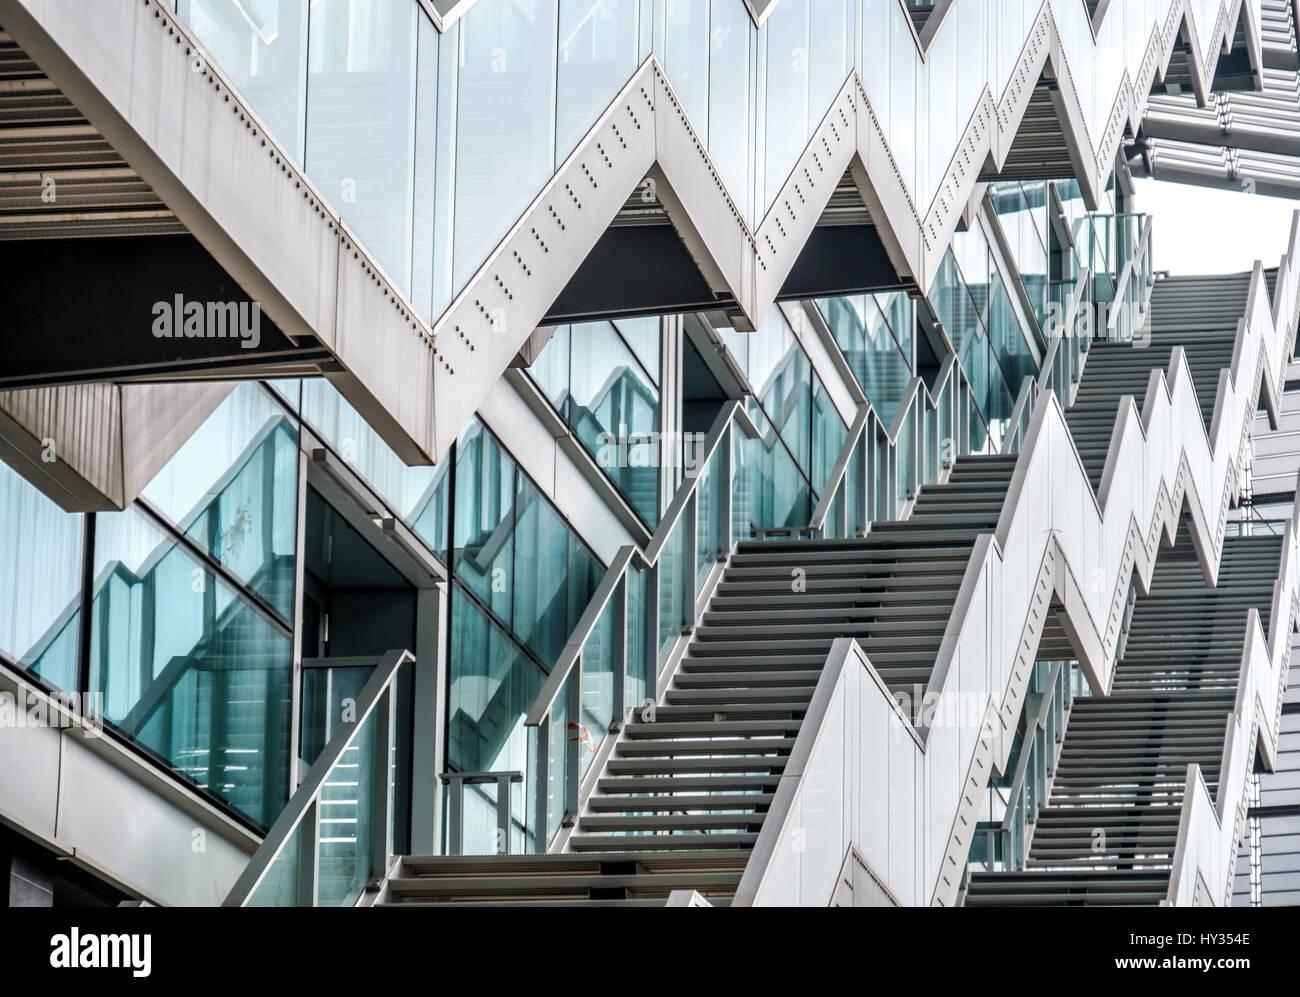 Zig zag stairs modern glass window building zigzag texture